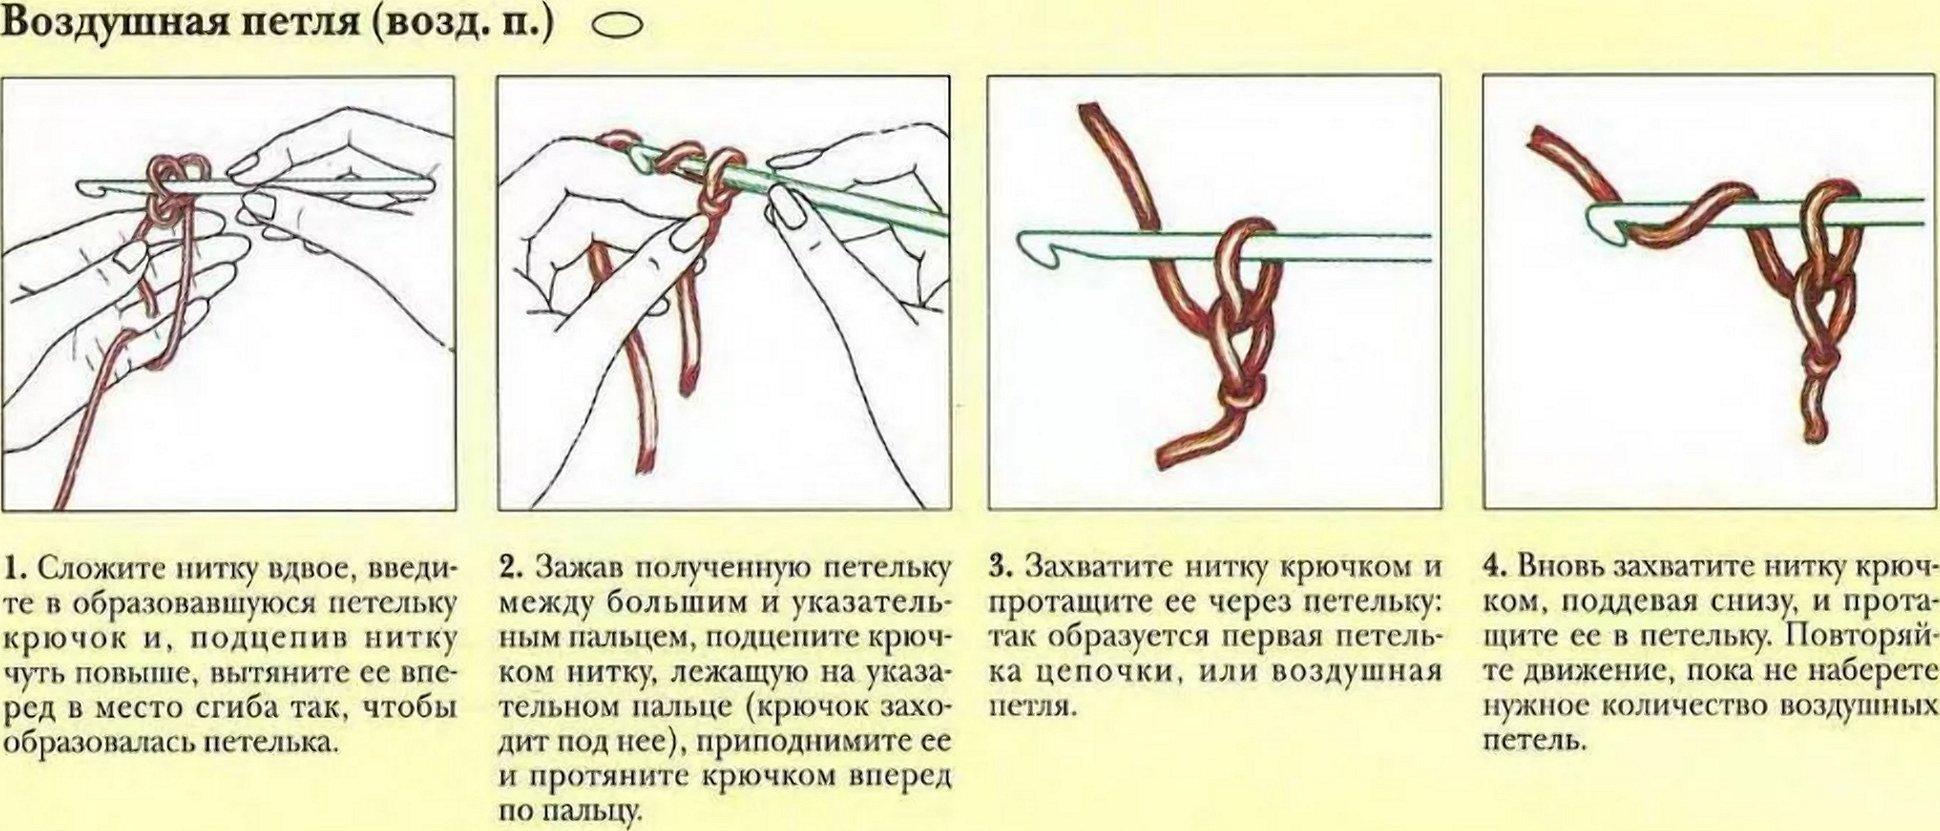 Двойная цепочка из воздушных петель крючком